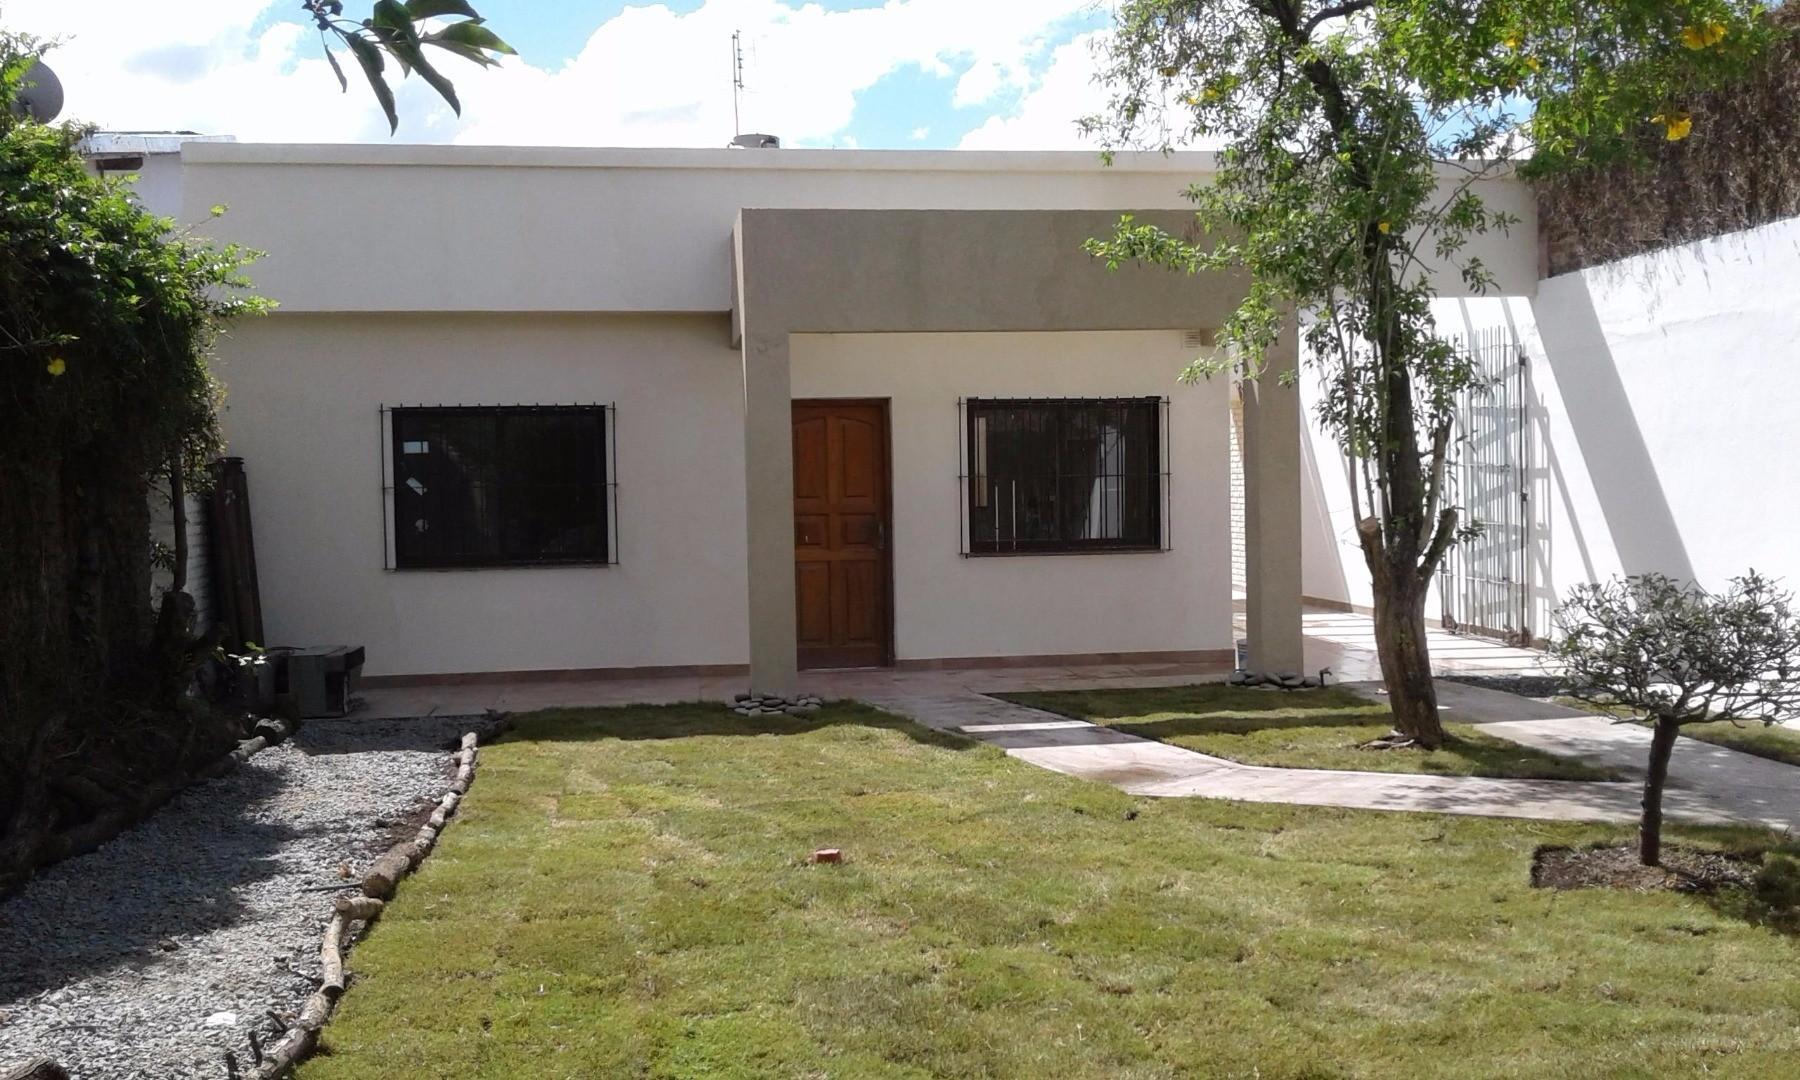 CASA MINIMALISTA EN EXCELENTE ESTADO Y UBICACIÓN